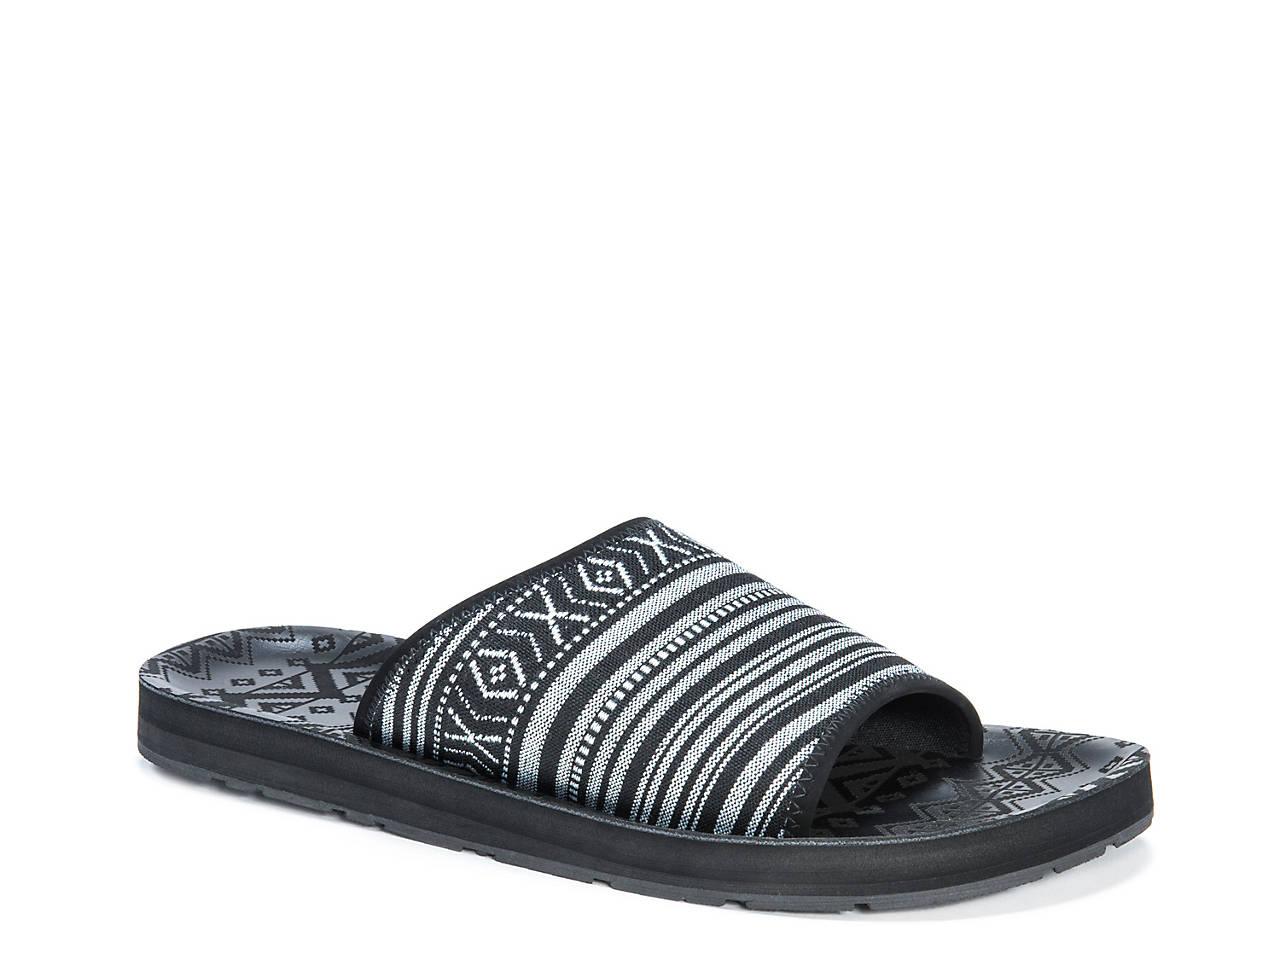 d3353b0a4184 Muk Luks Hendrix Slide Sandal Men s Shoes